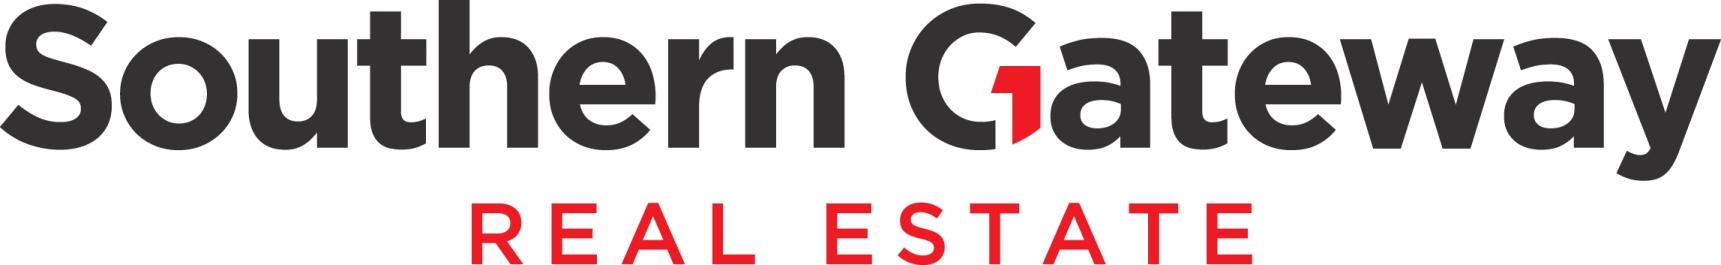 Southern Gateway Real Estate , Kwinana Town Centre, 6167